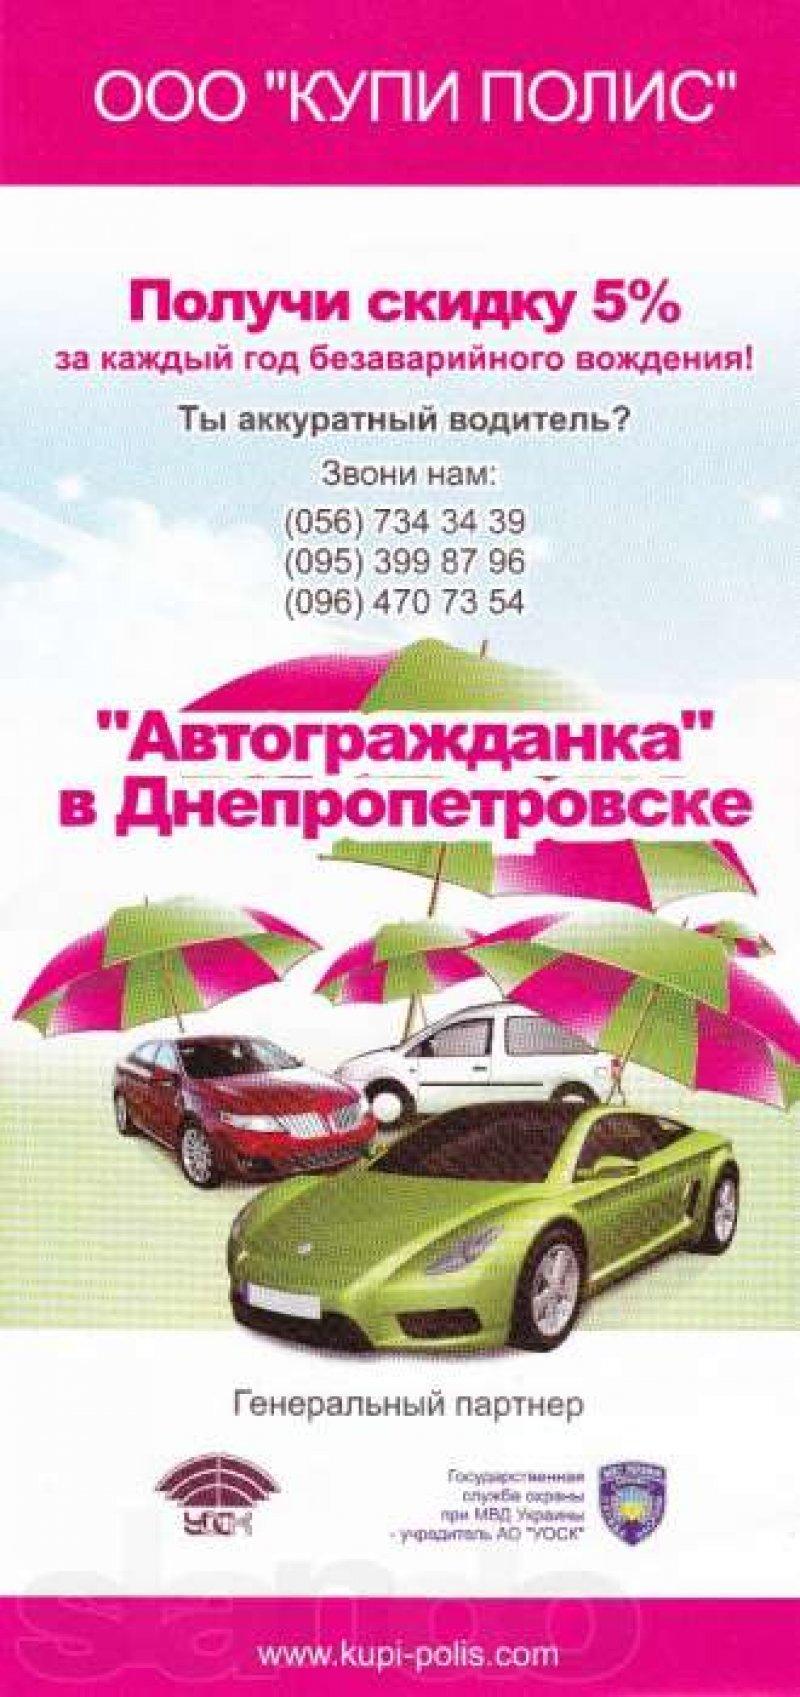 68496291_3_1000x700_strahovoy_agent_so_svoim_avto_dnepropetrovsk_voditeli_rev002